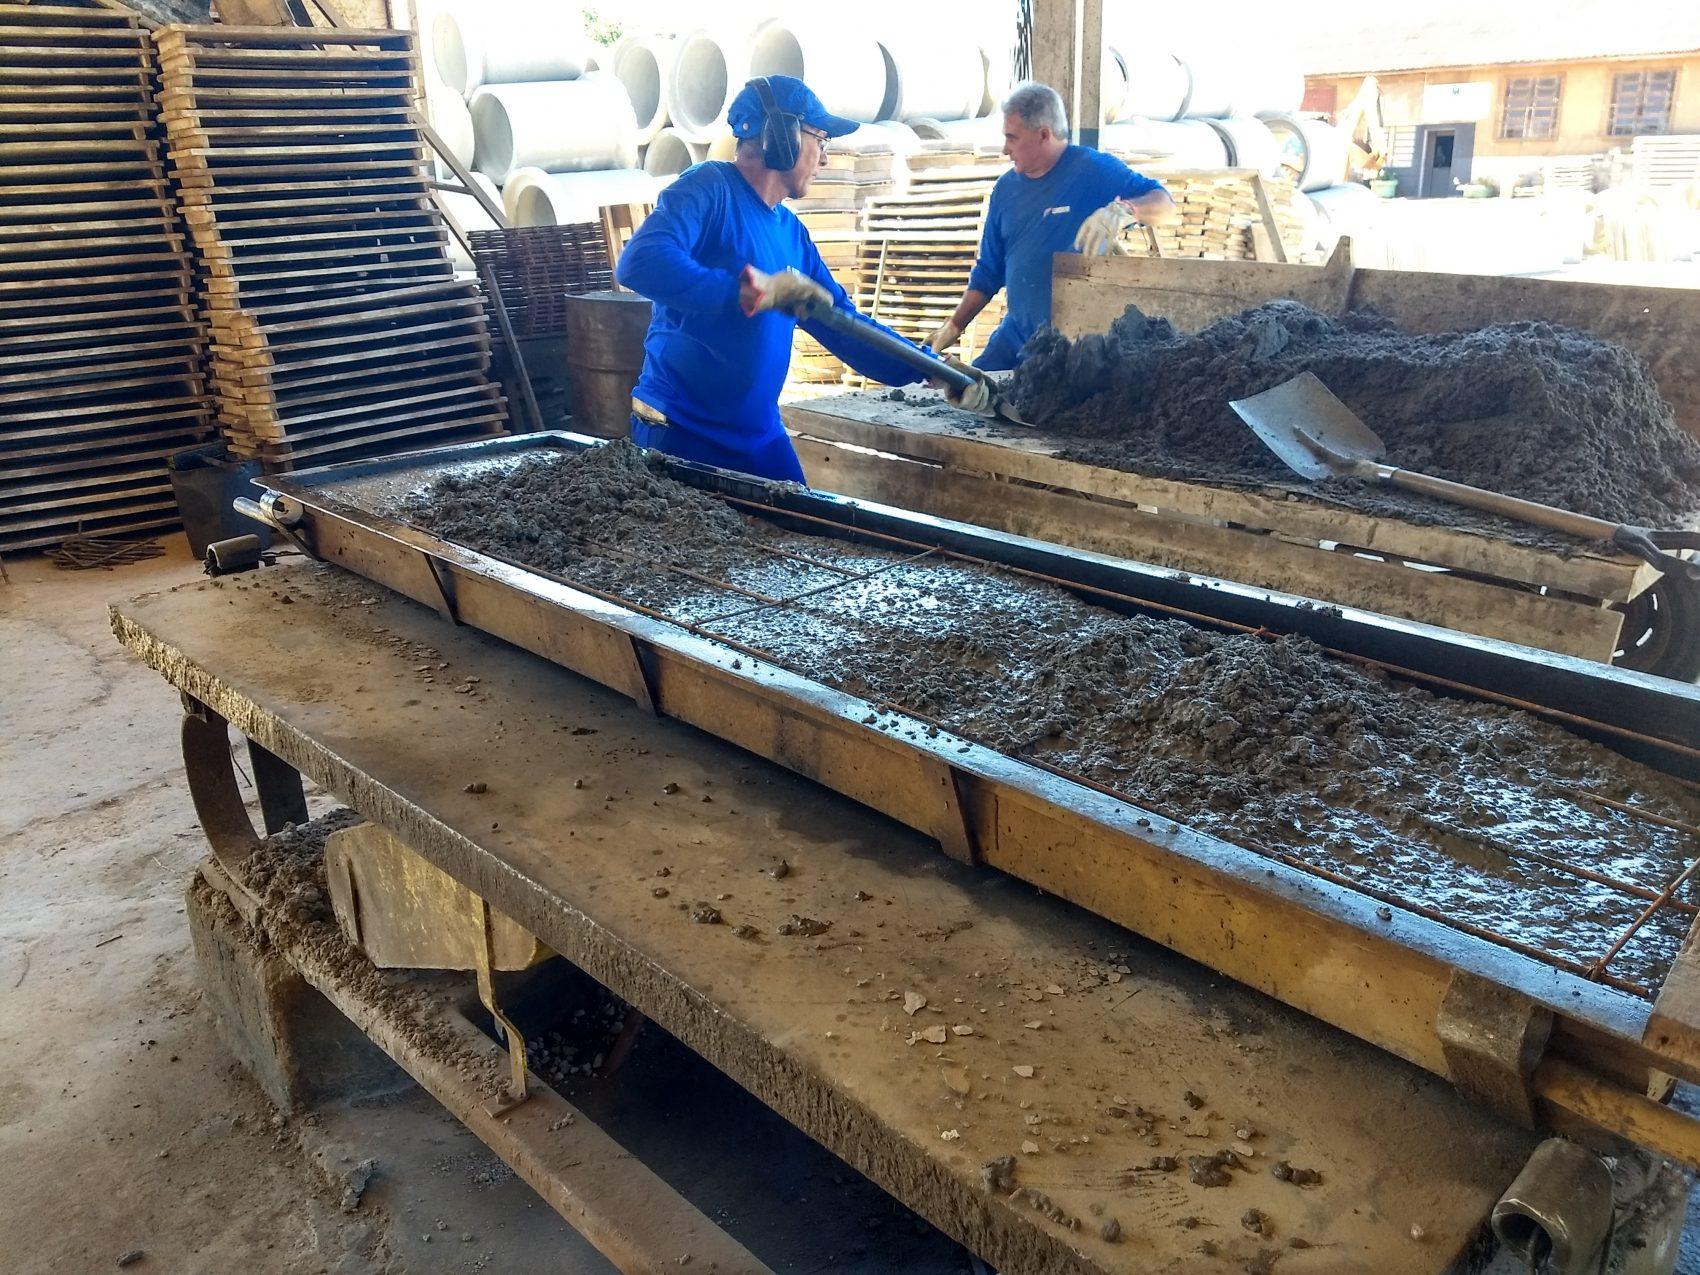 Preparo da argamassa com pó de vidro reciclado: material é recolhido no lixo por catadores (Foto: Divulgação)